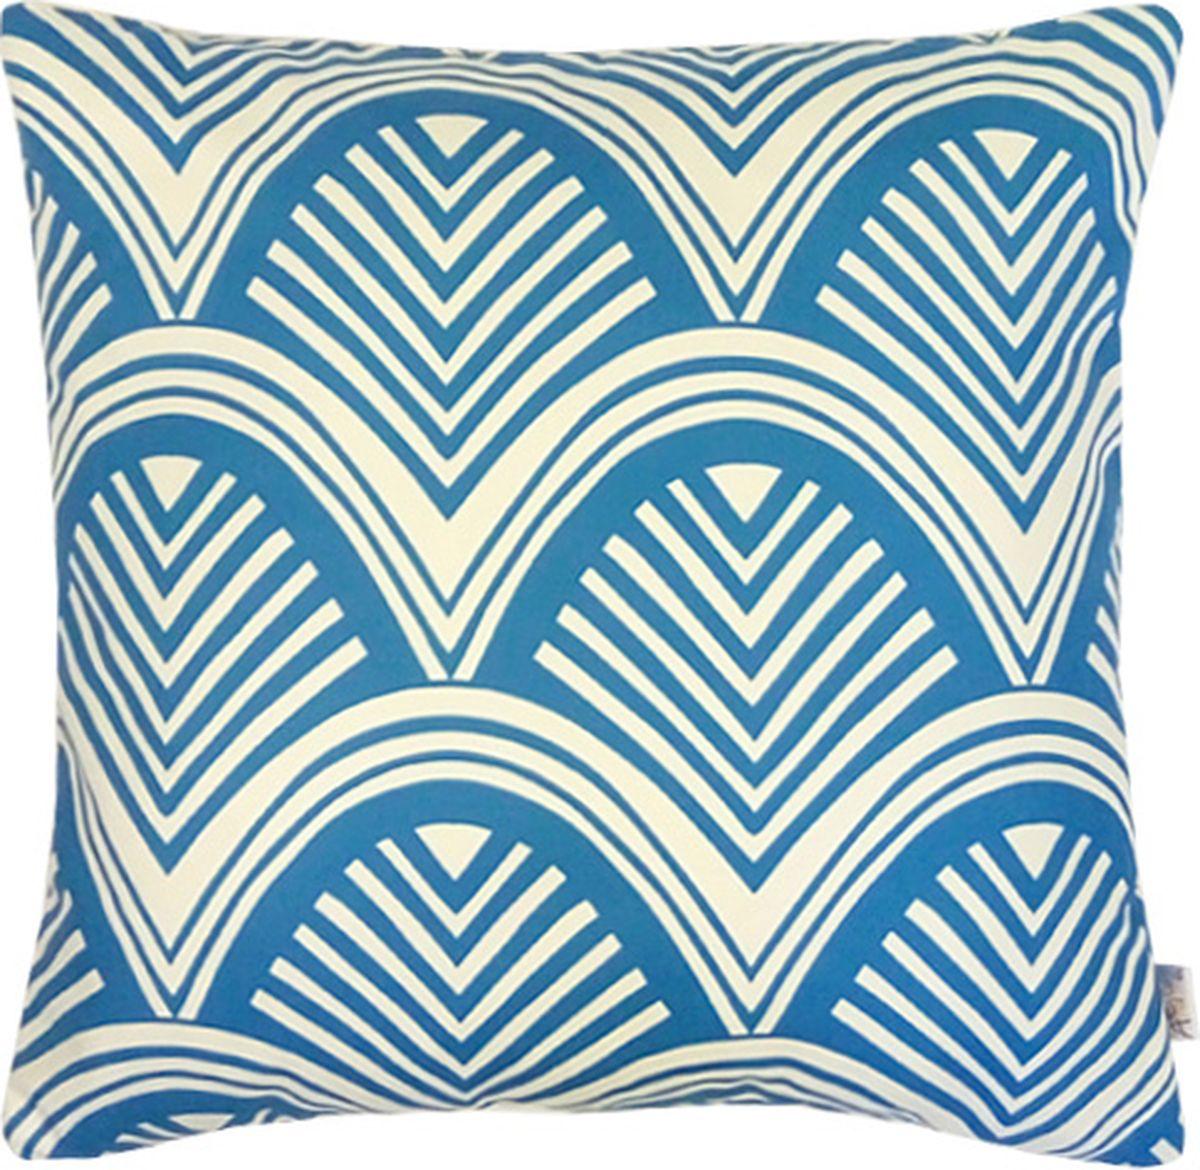 Чехол для декоративной подушки Altali Biscay Bay, 43 х 43 смP02-3102/2